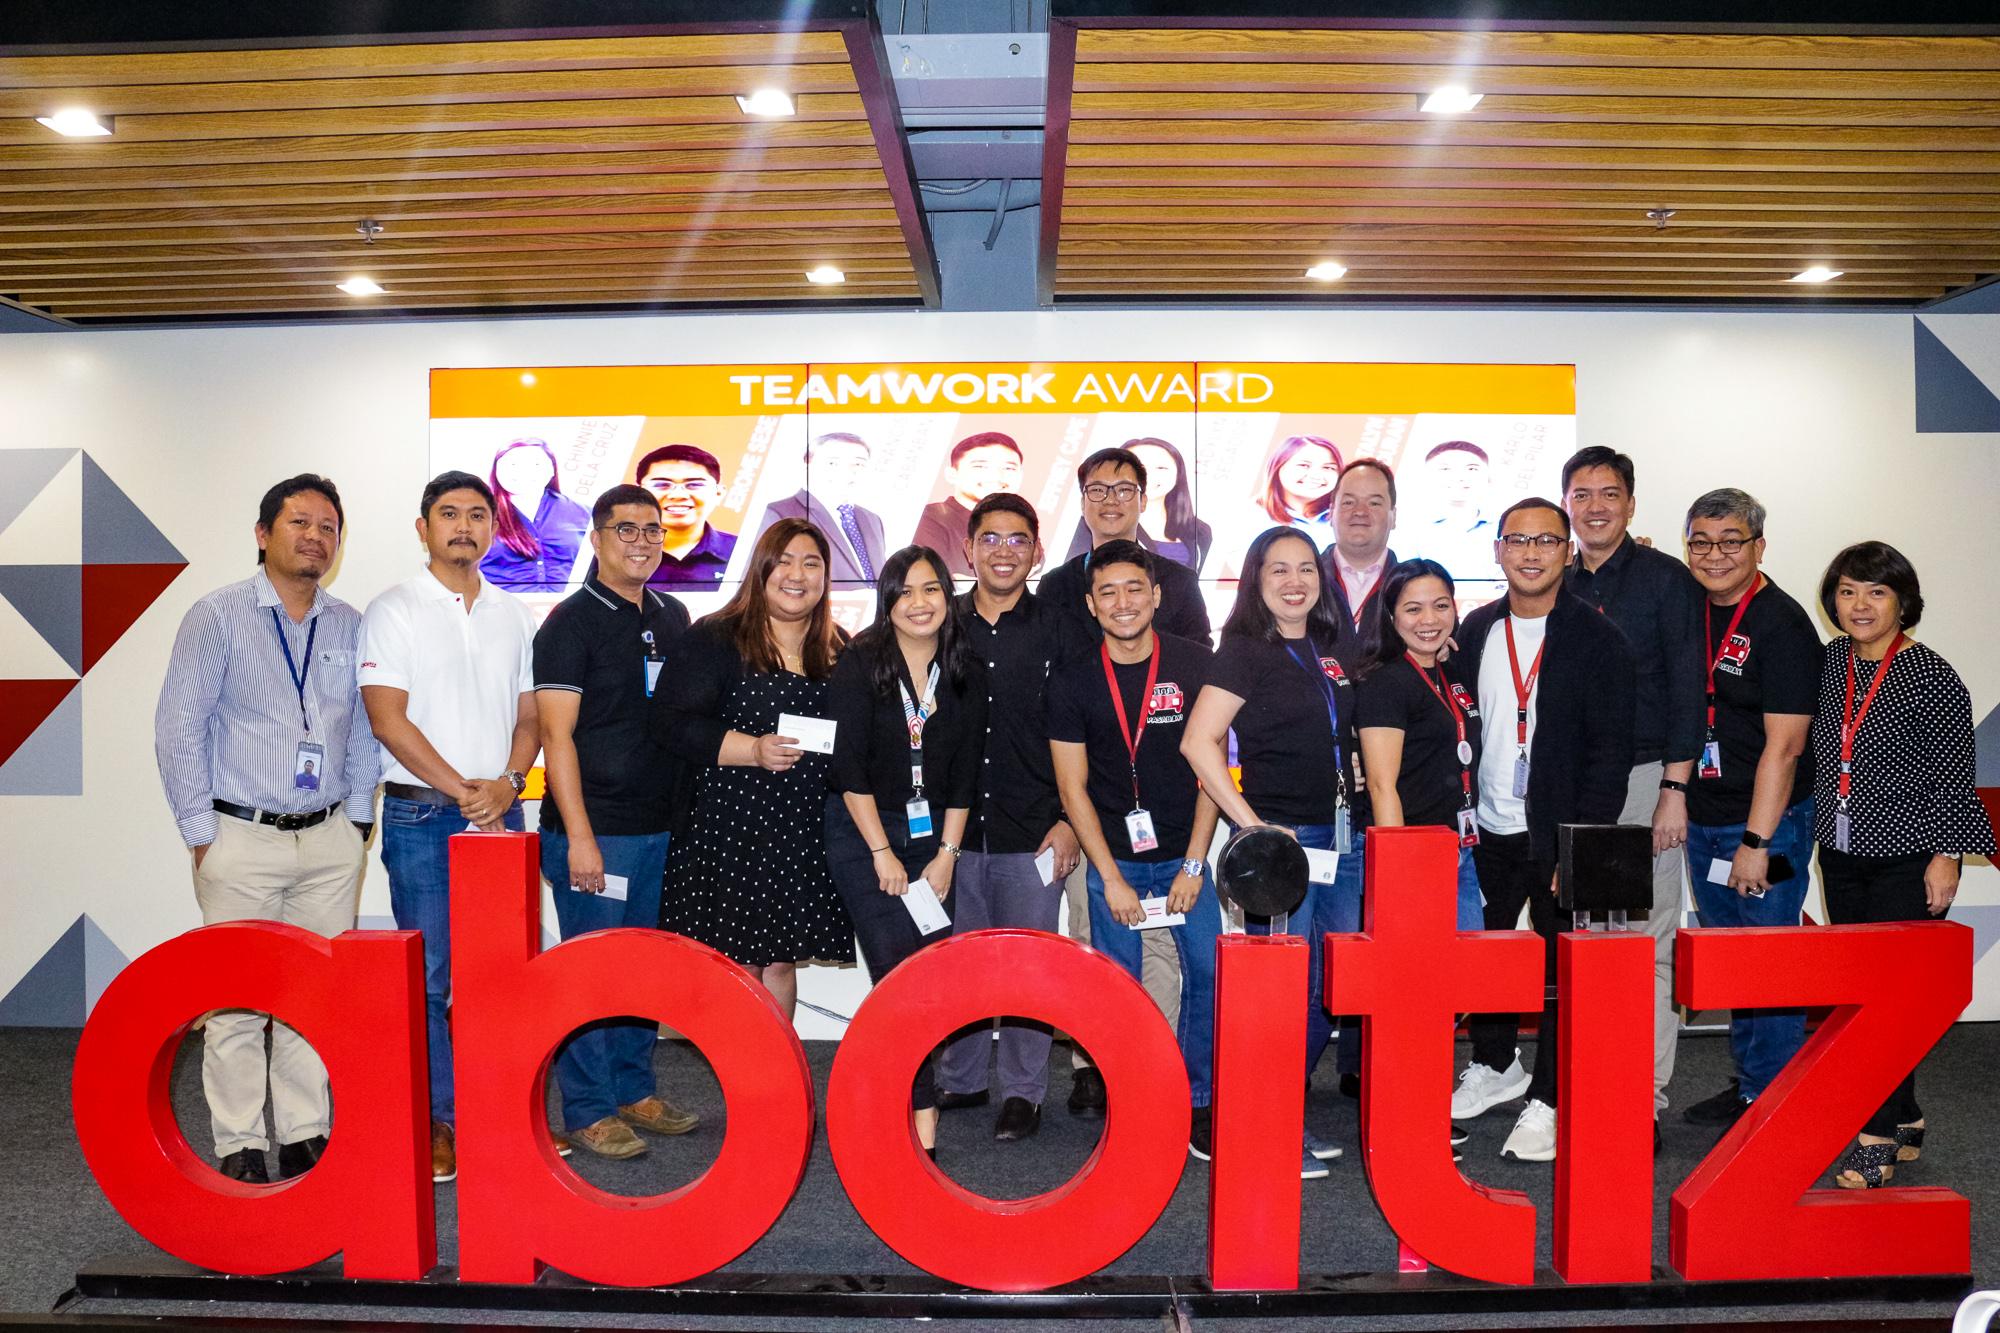 teamwork award fdc